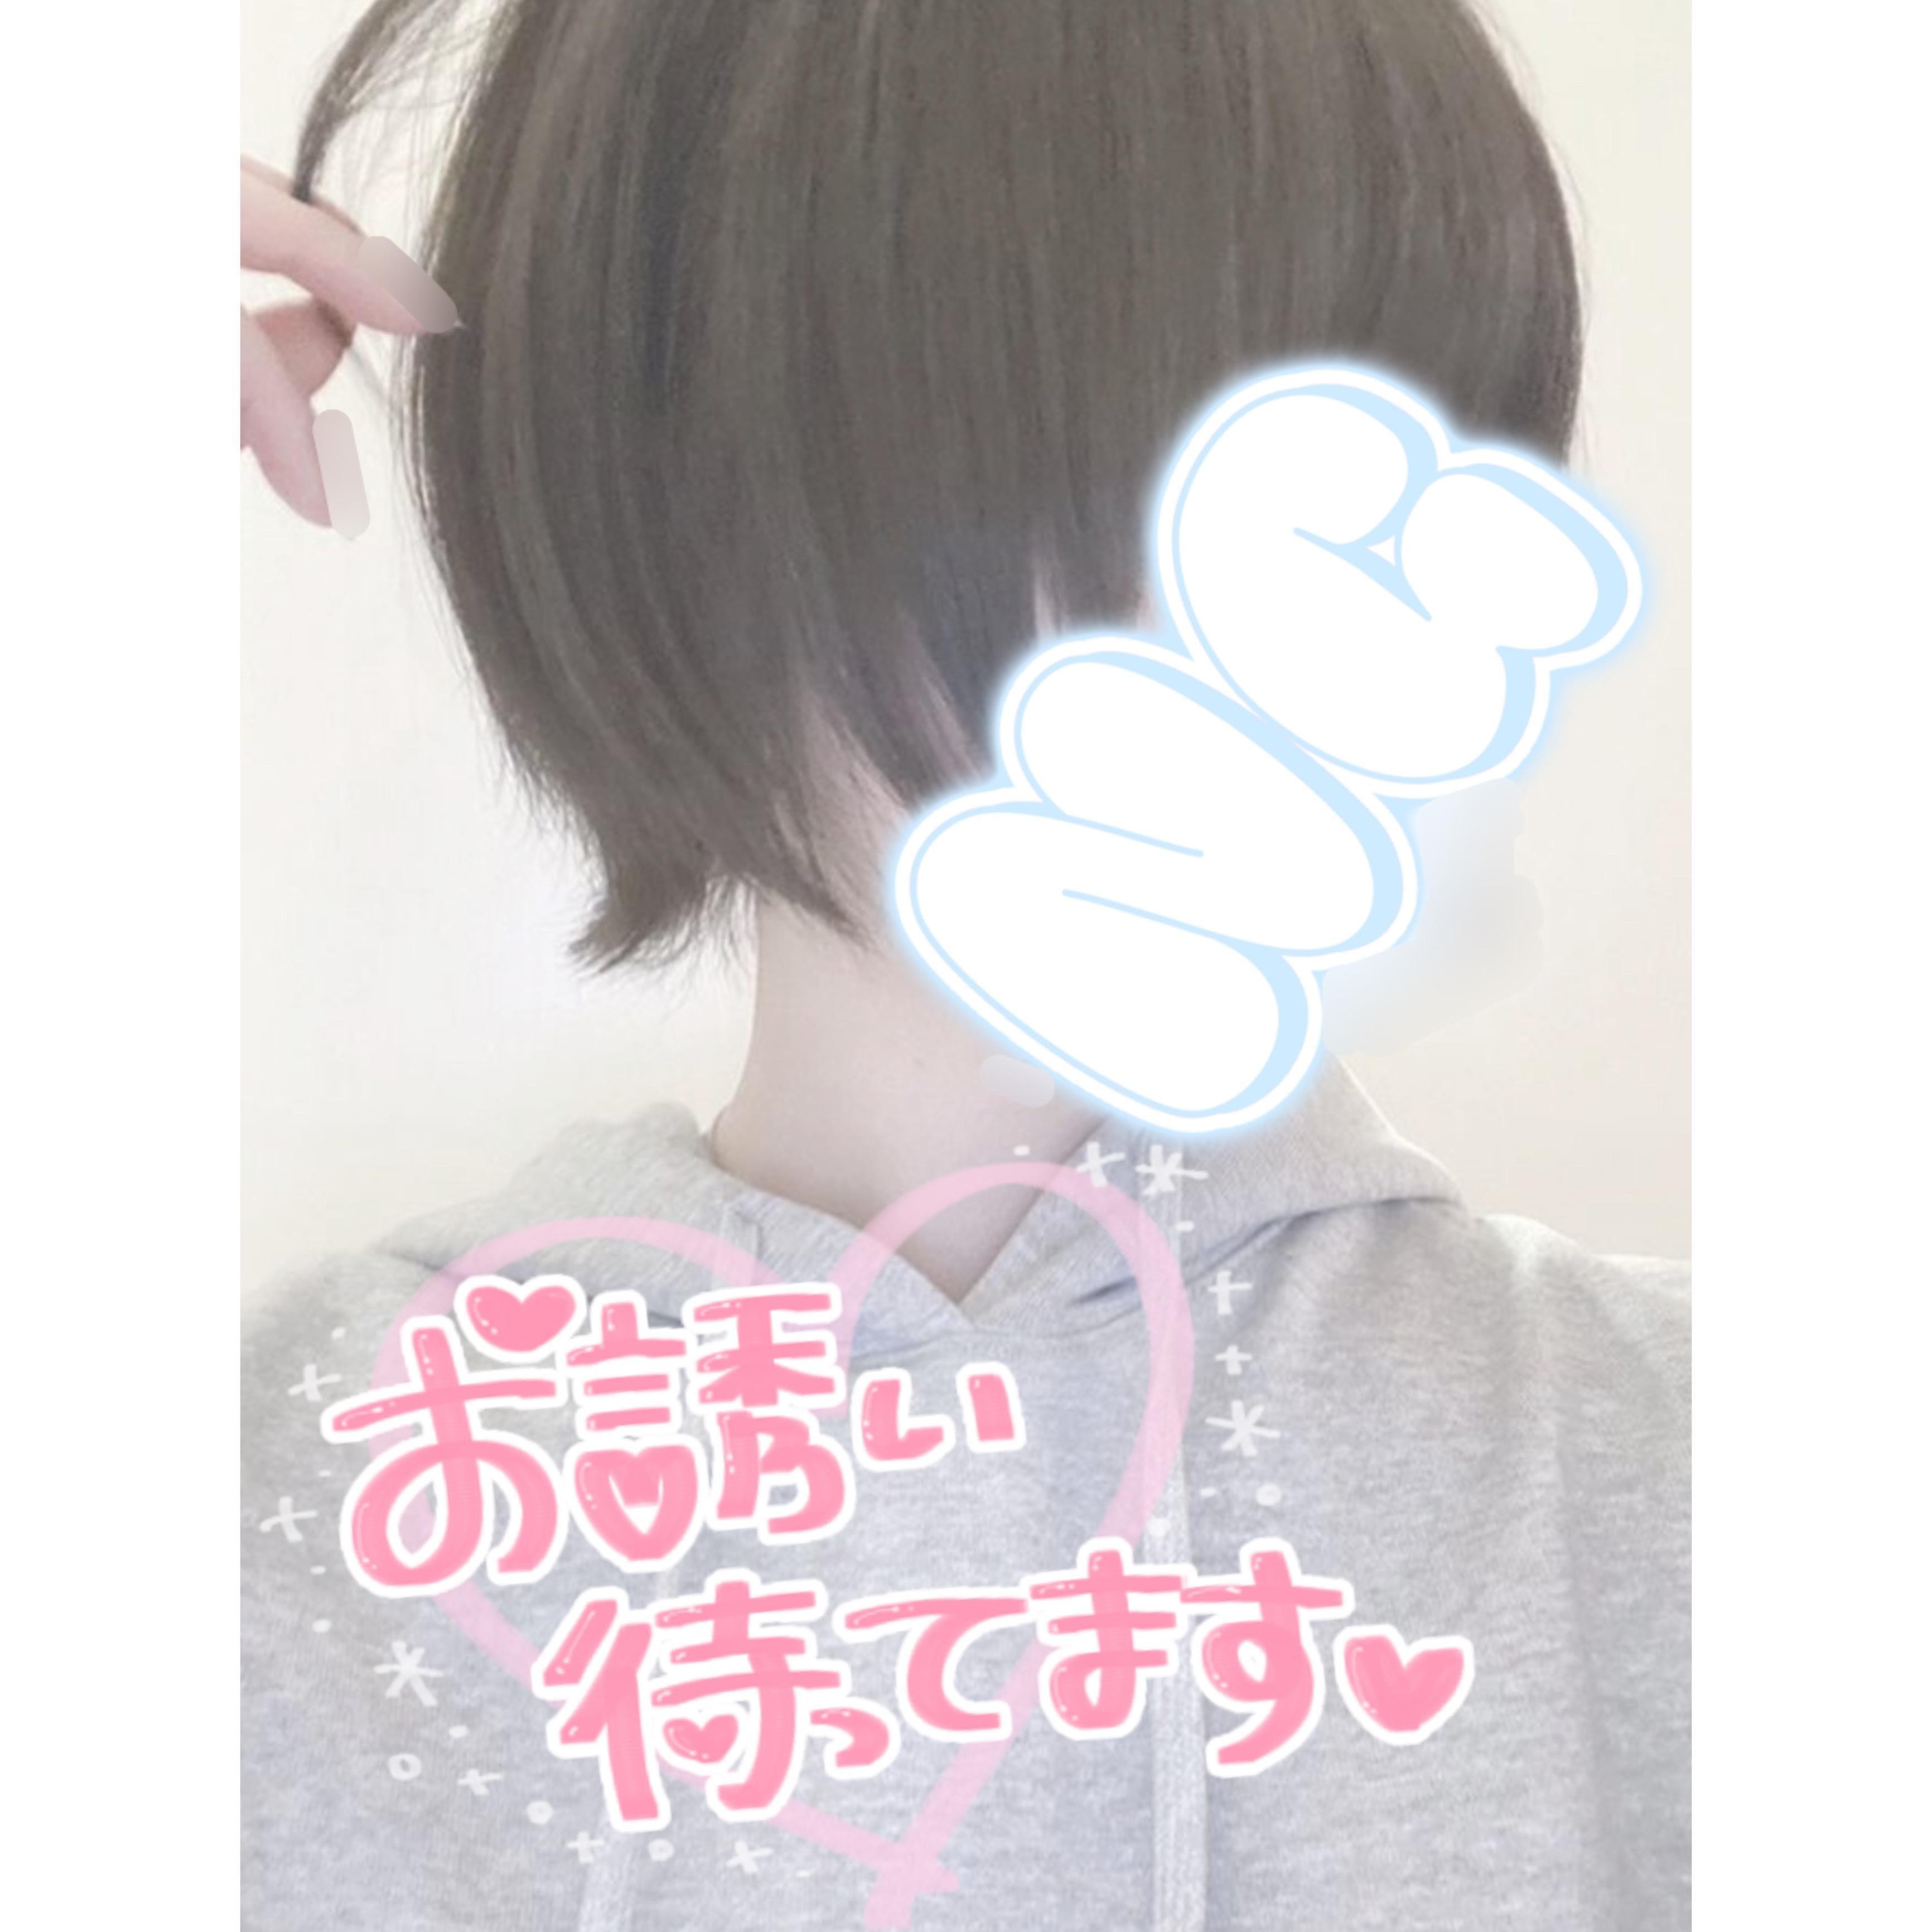 「今日も」09/13(月) 17:47 | ☆体験☆柊エマの写メ日記